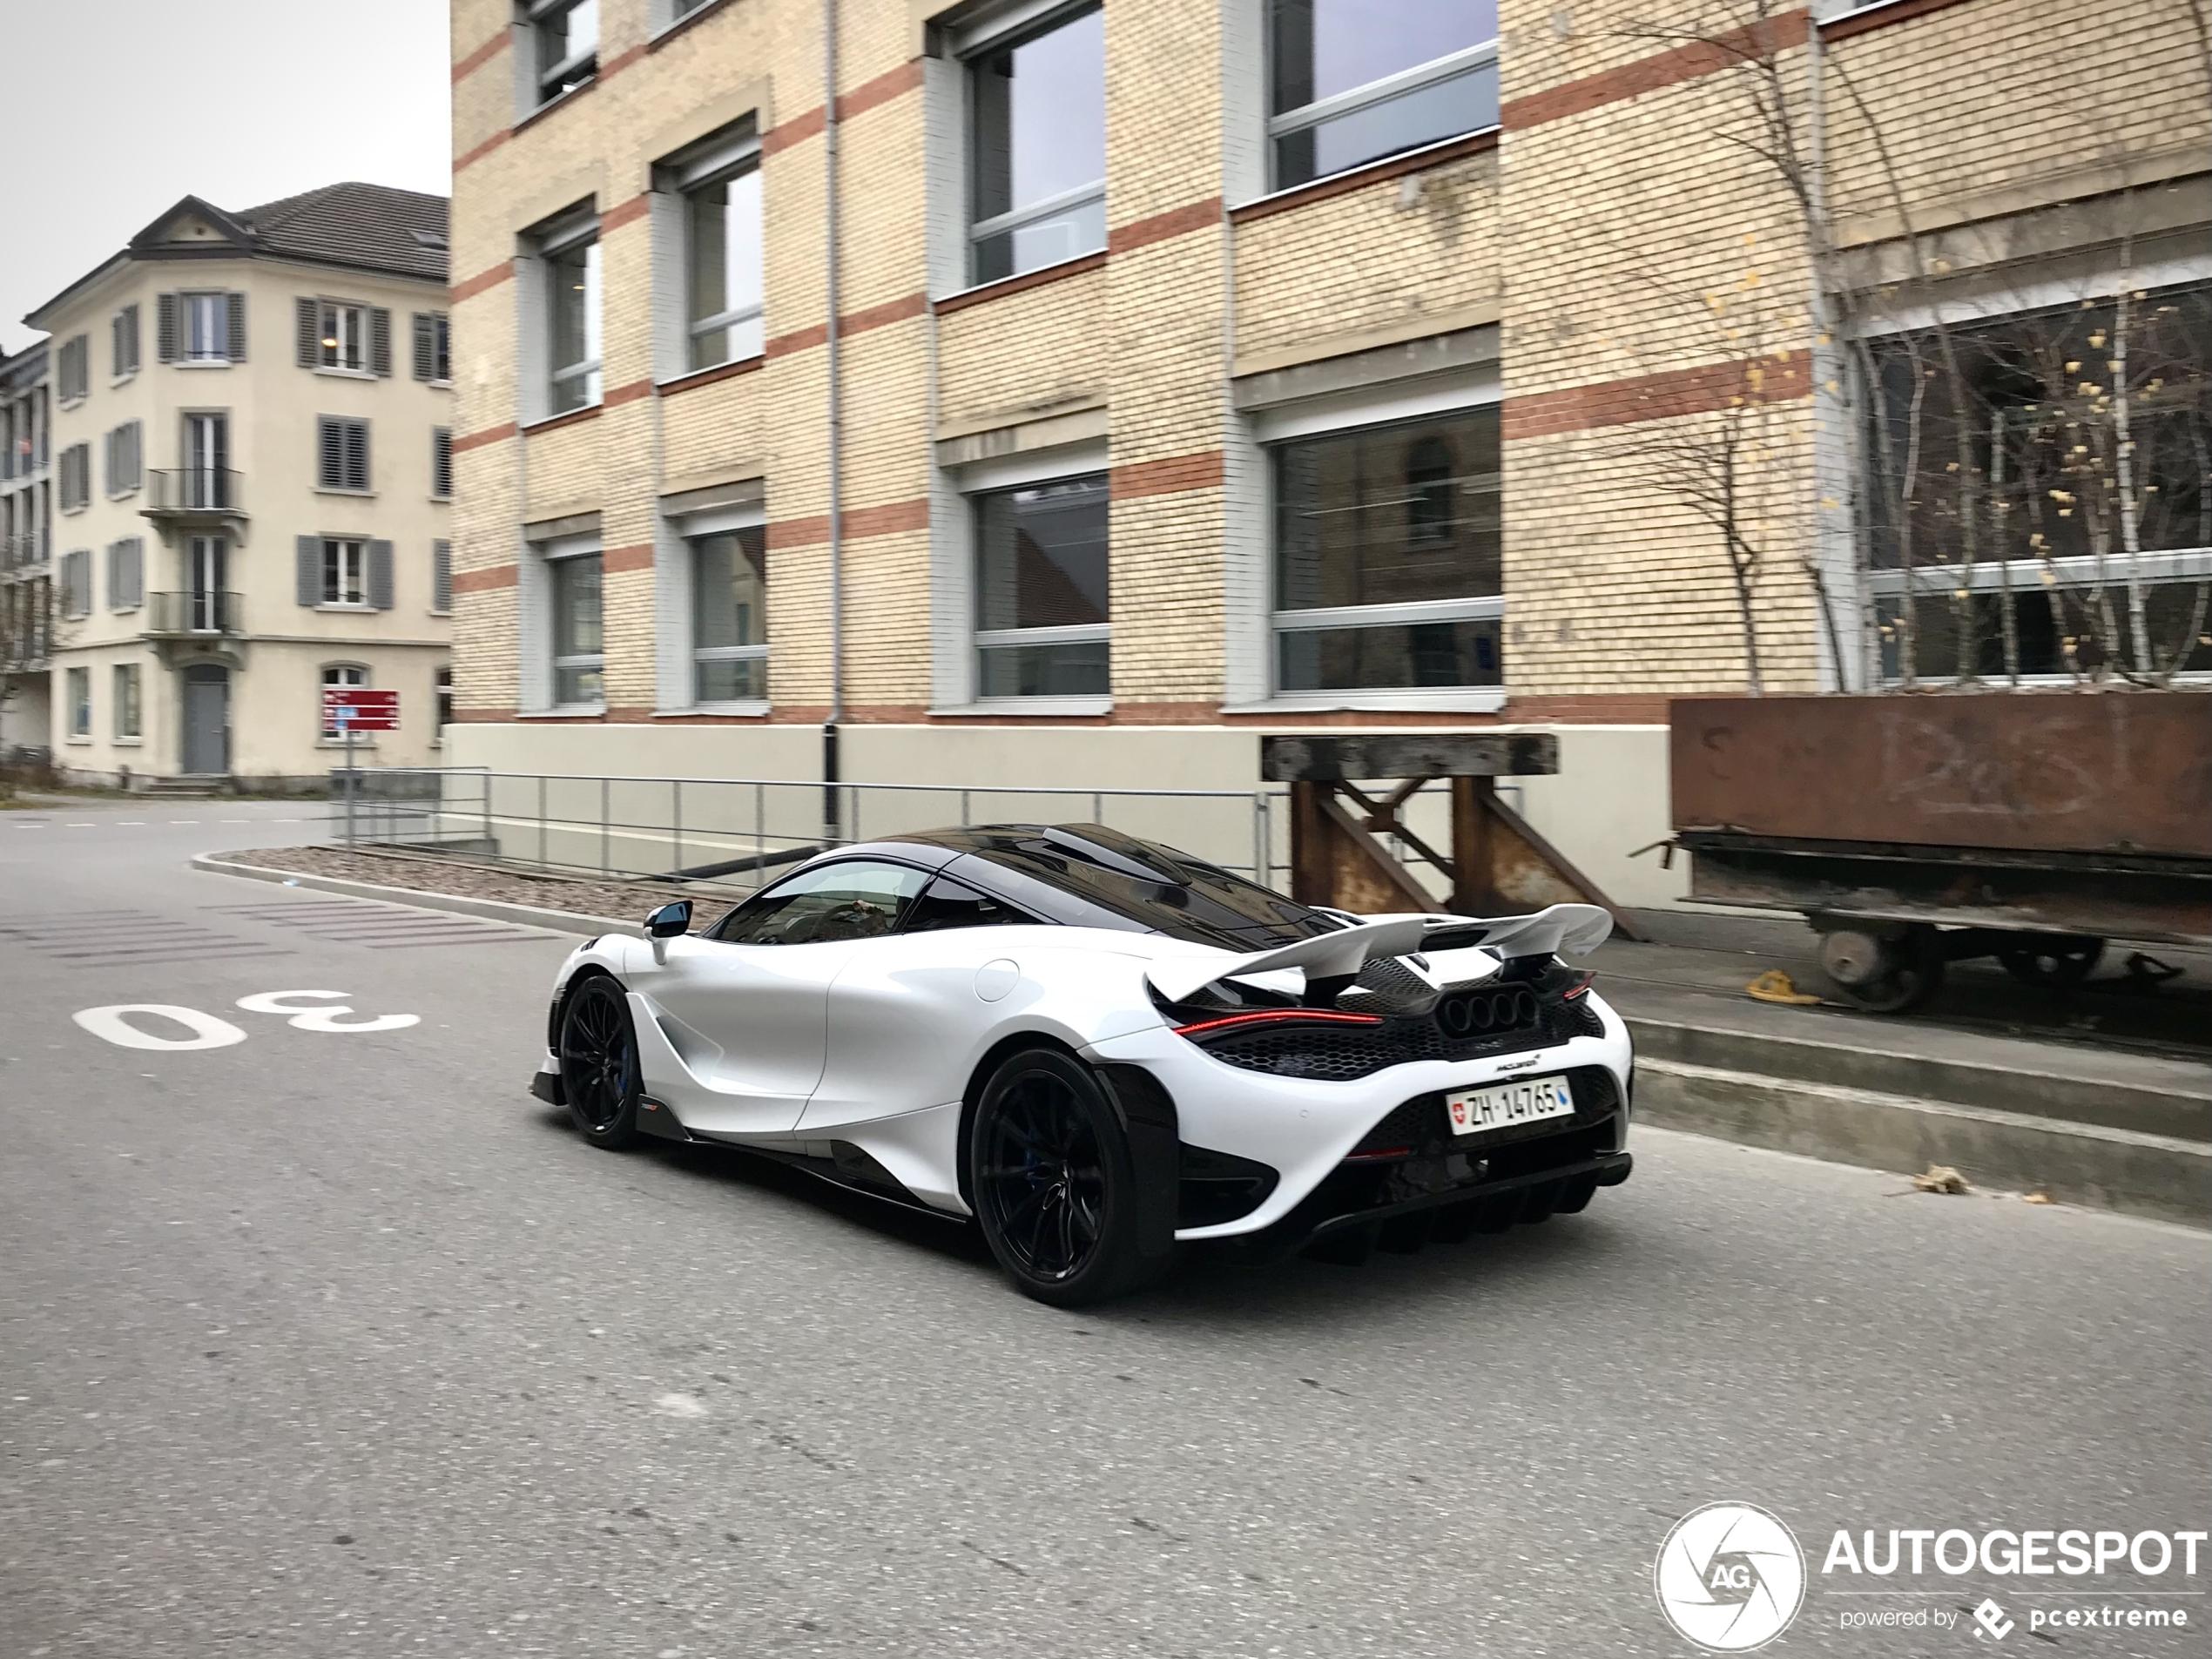 McLaren 765LT duikt ook op in Zwitserland